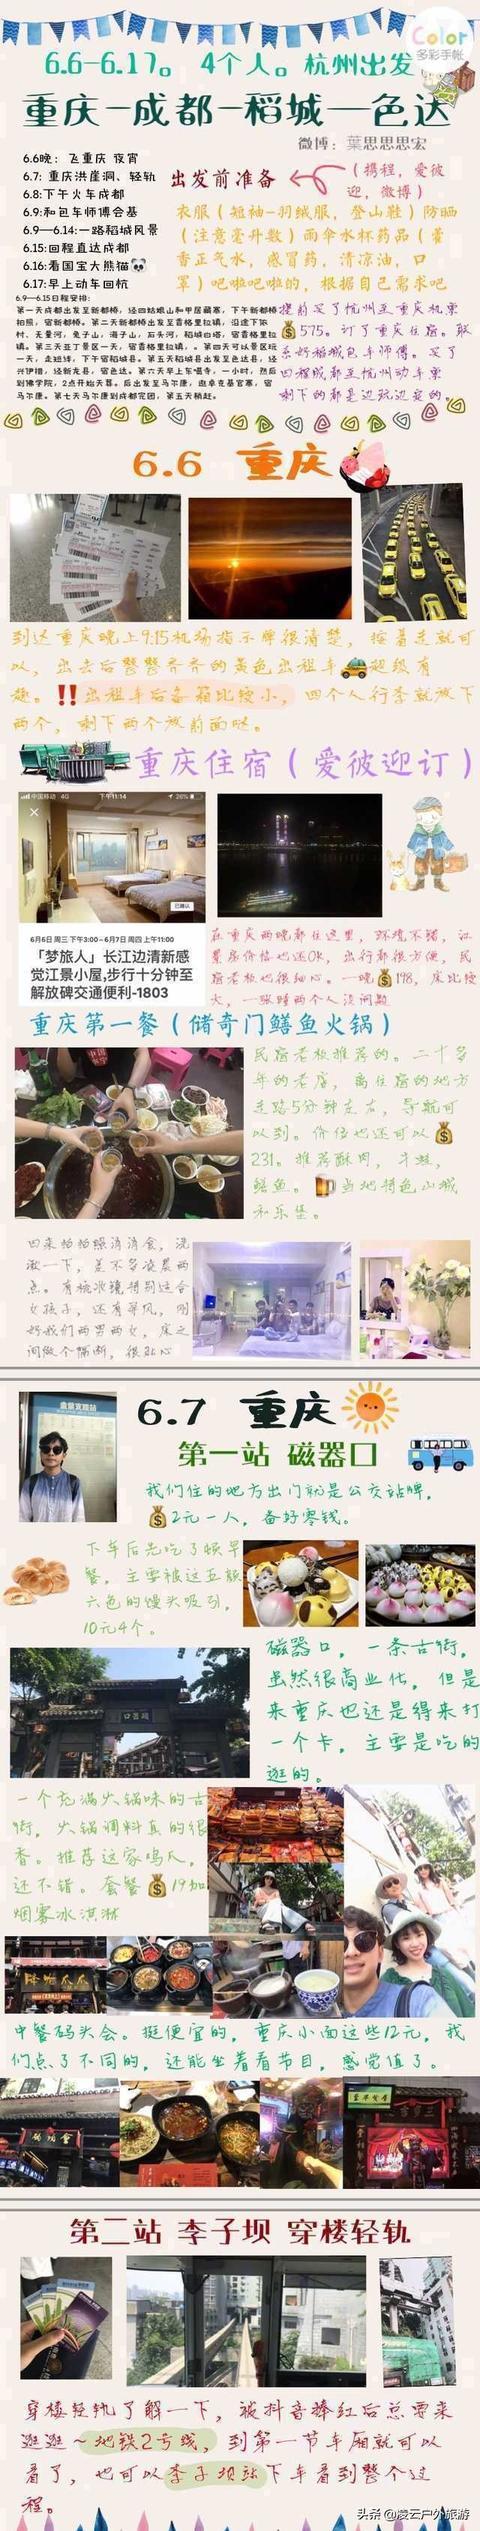 51vv社区下载_黄瓜社区导入站